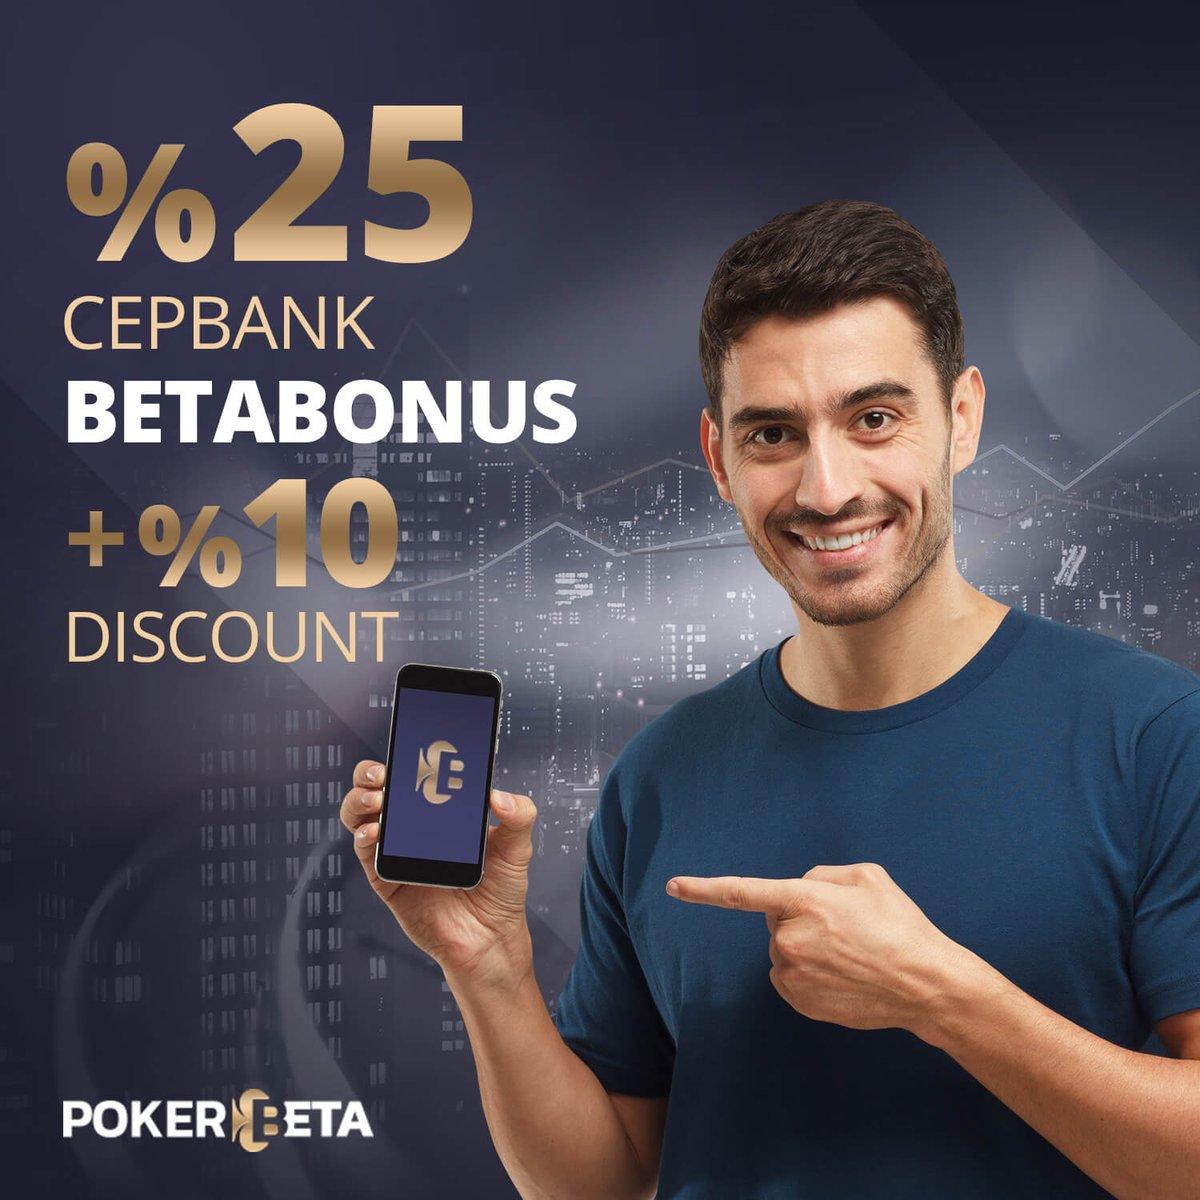 online casino bonus mit 10 euro einzahlung